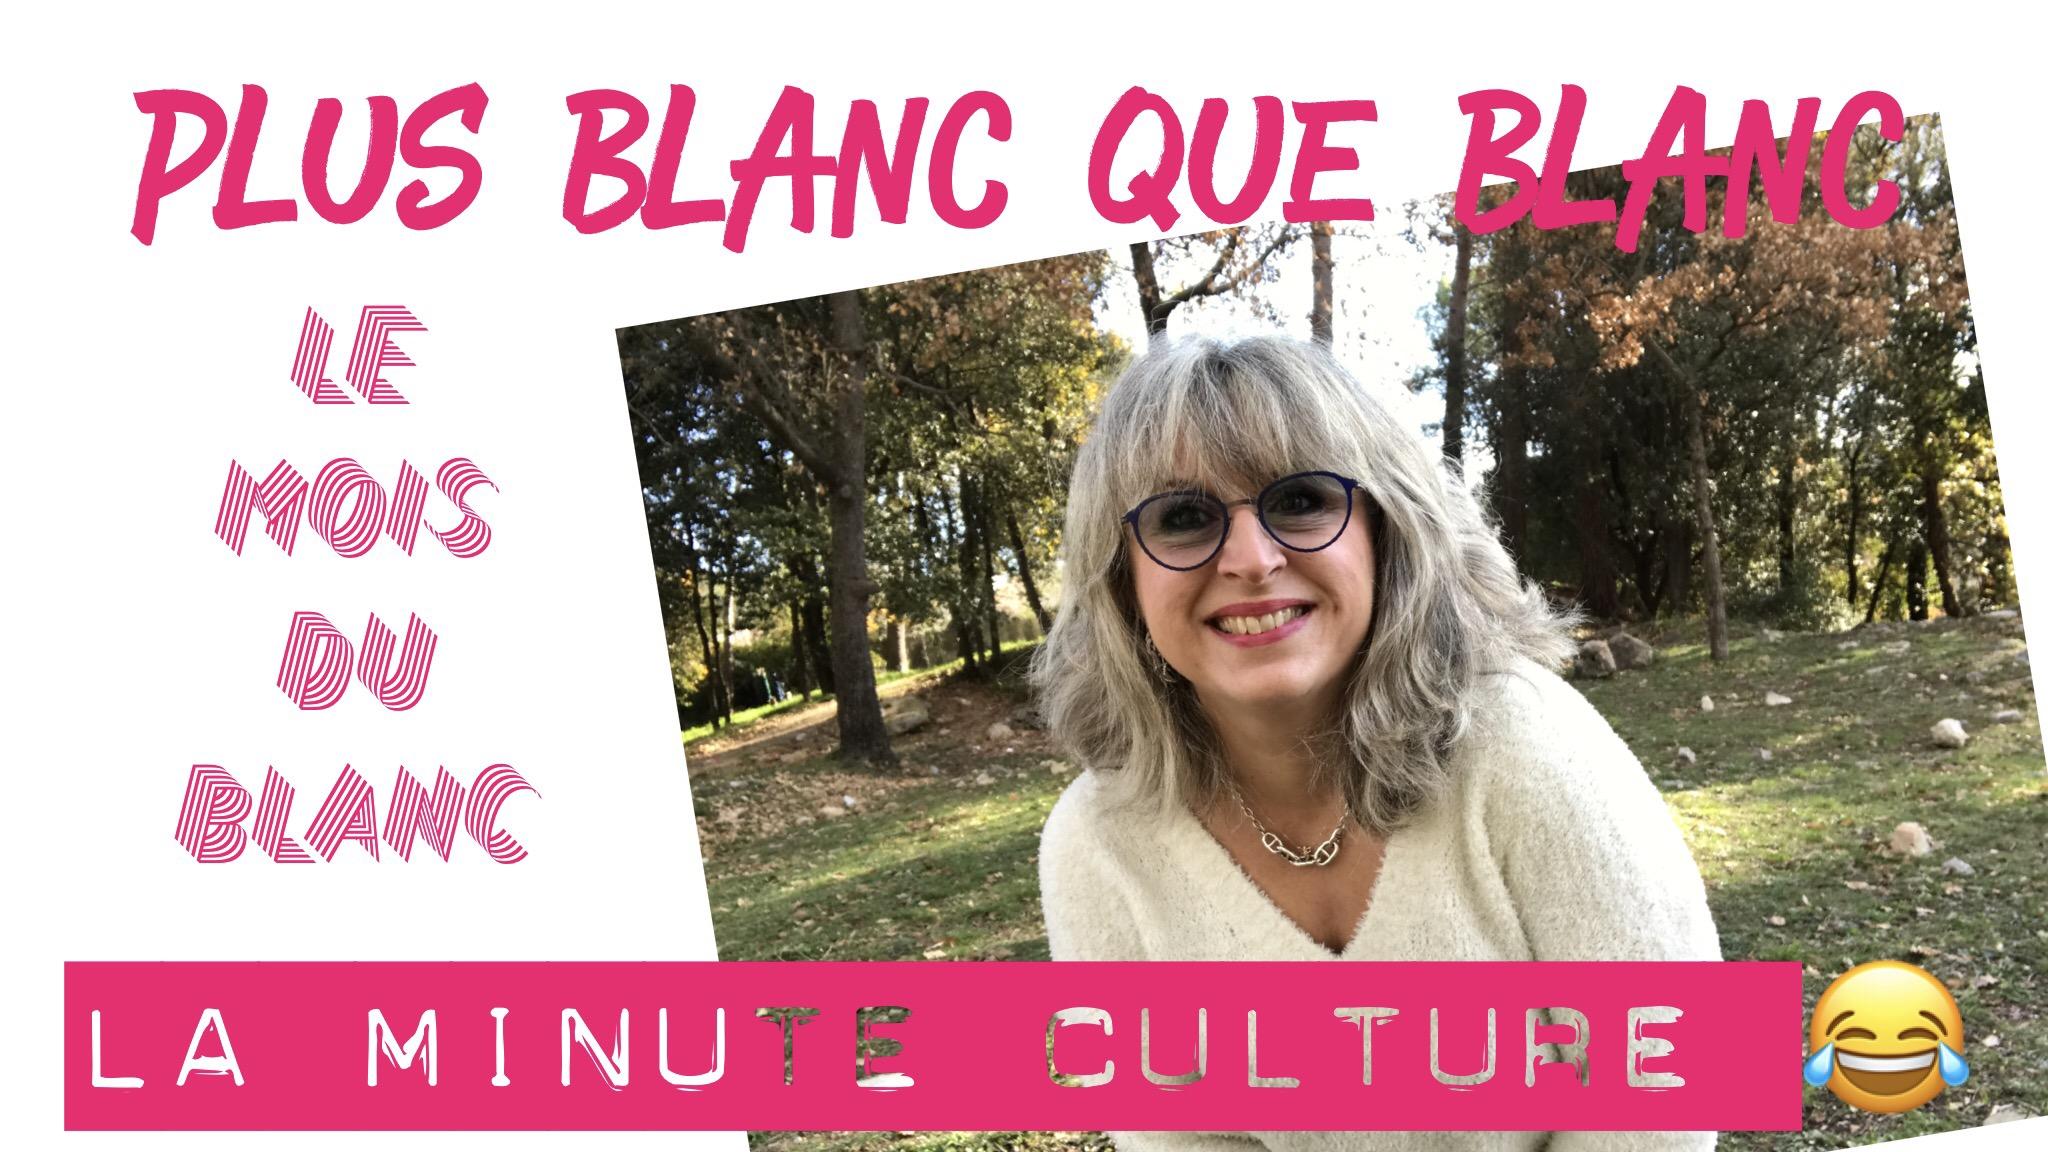 TheMouse sur YouTube: Plus blanc que blanc… Le mois du blanc? C'est quoi au juste?